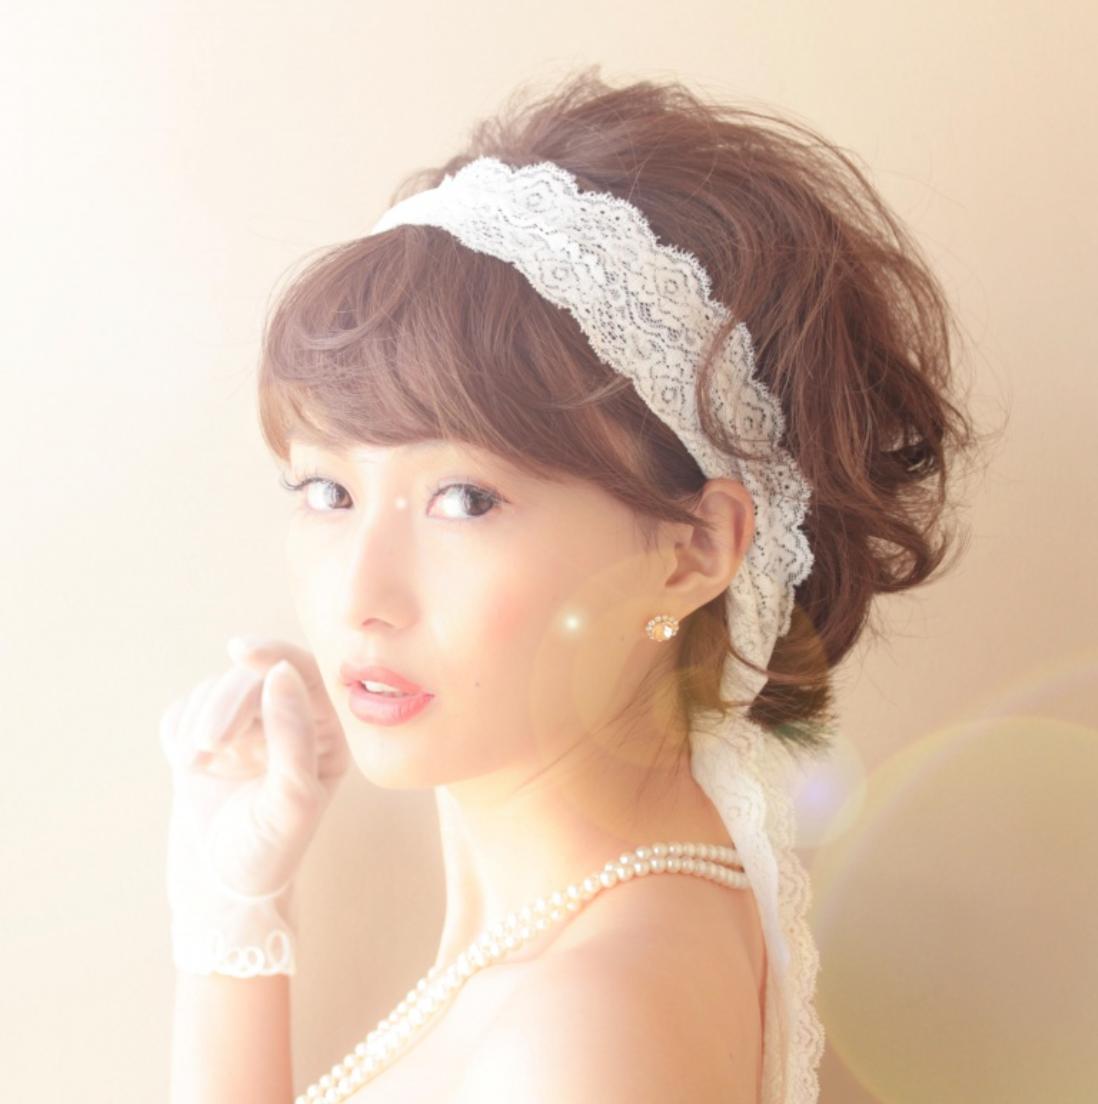 ショートボブ花嫁&ゲストの可愛い!結婚式ヘアアレンジまとめ!のサムネイル画像